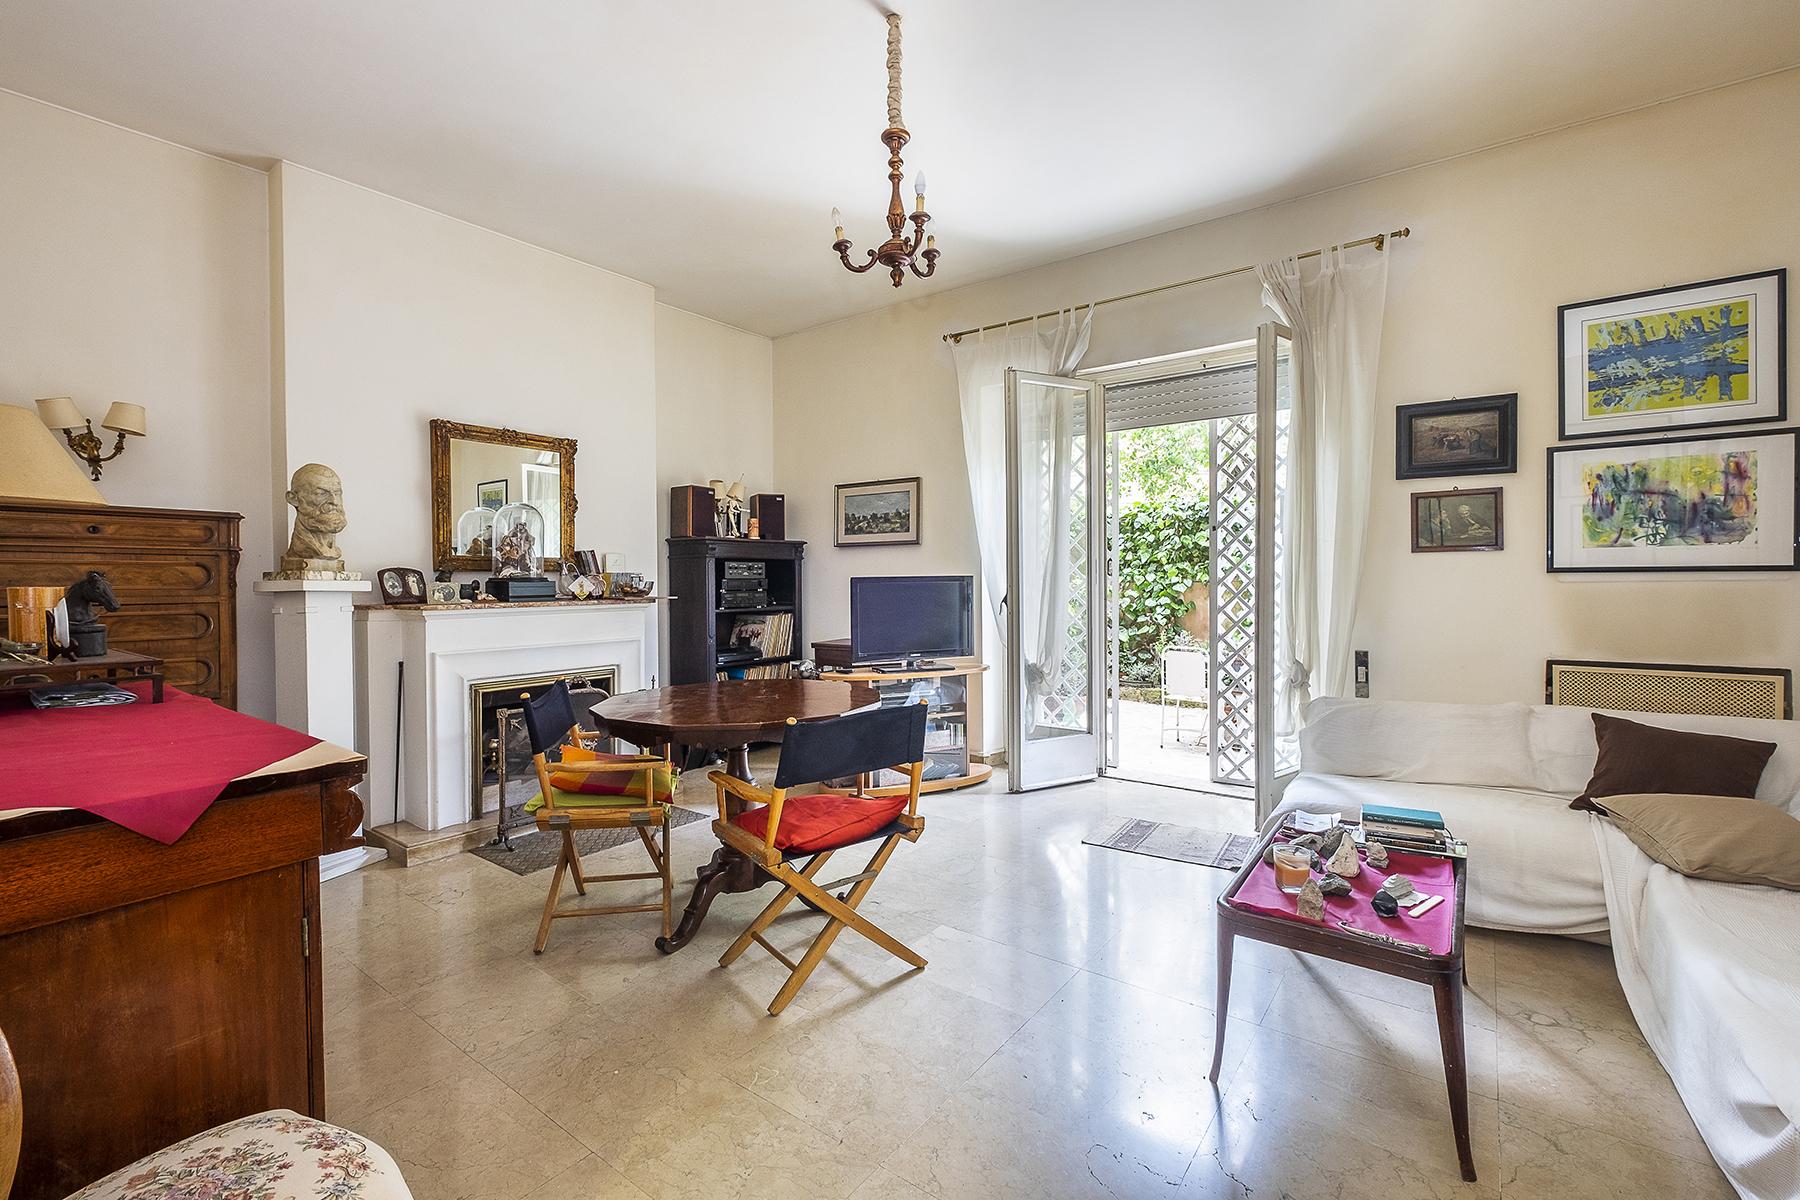 Appartamento in Vendita a Roma 28 Trastevere / Testaccio: 4 locali, 80 mq